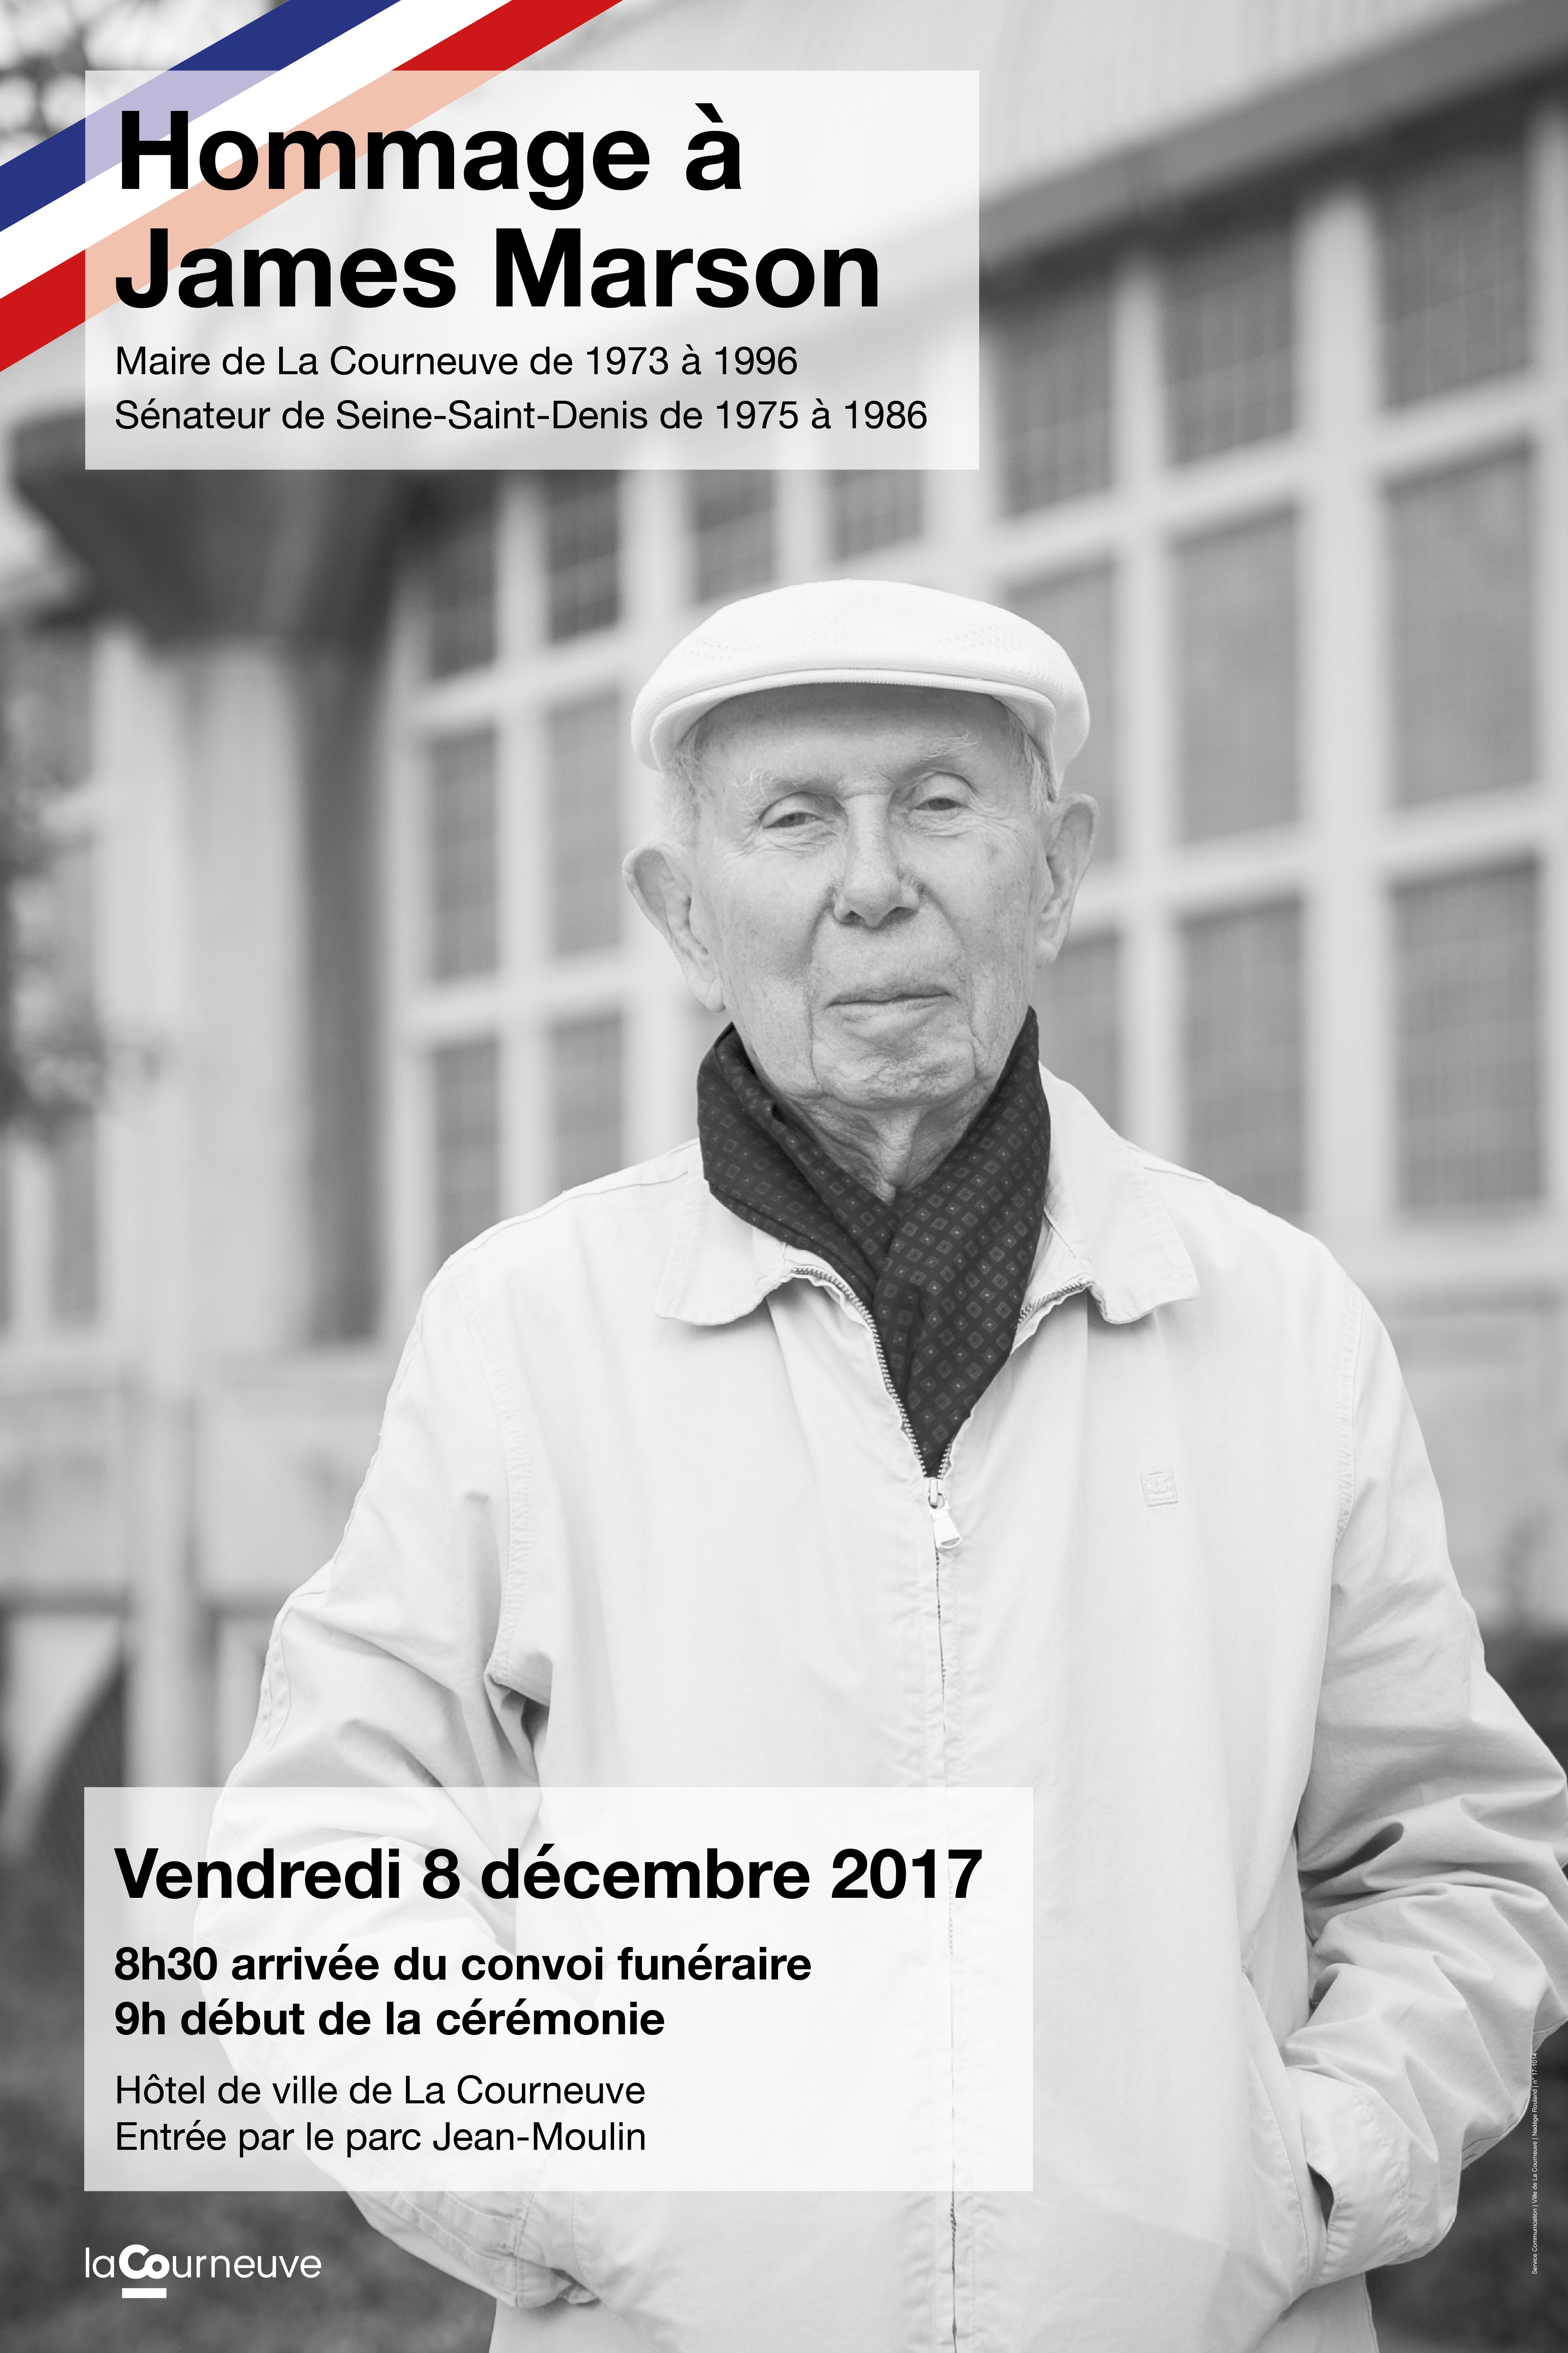 17-1014 hommage marson Bdef